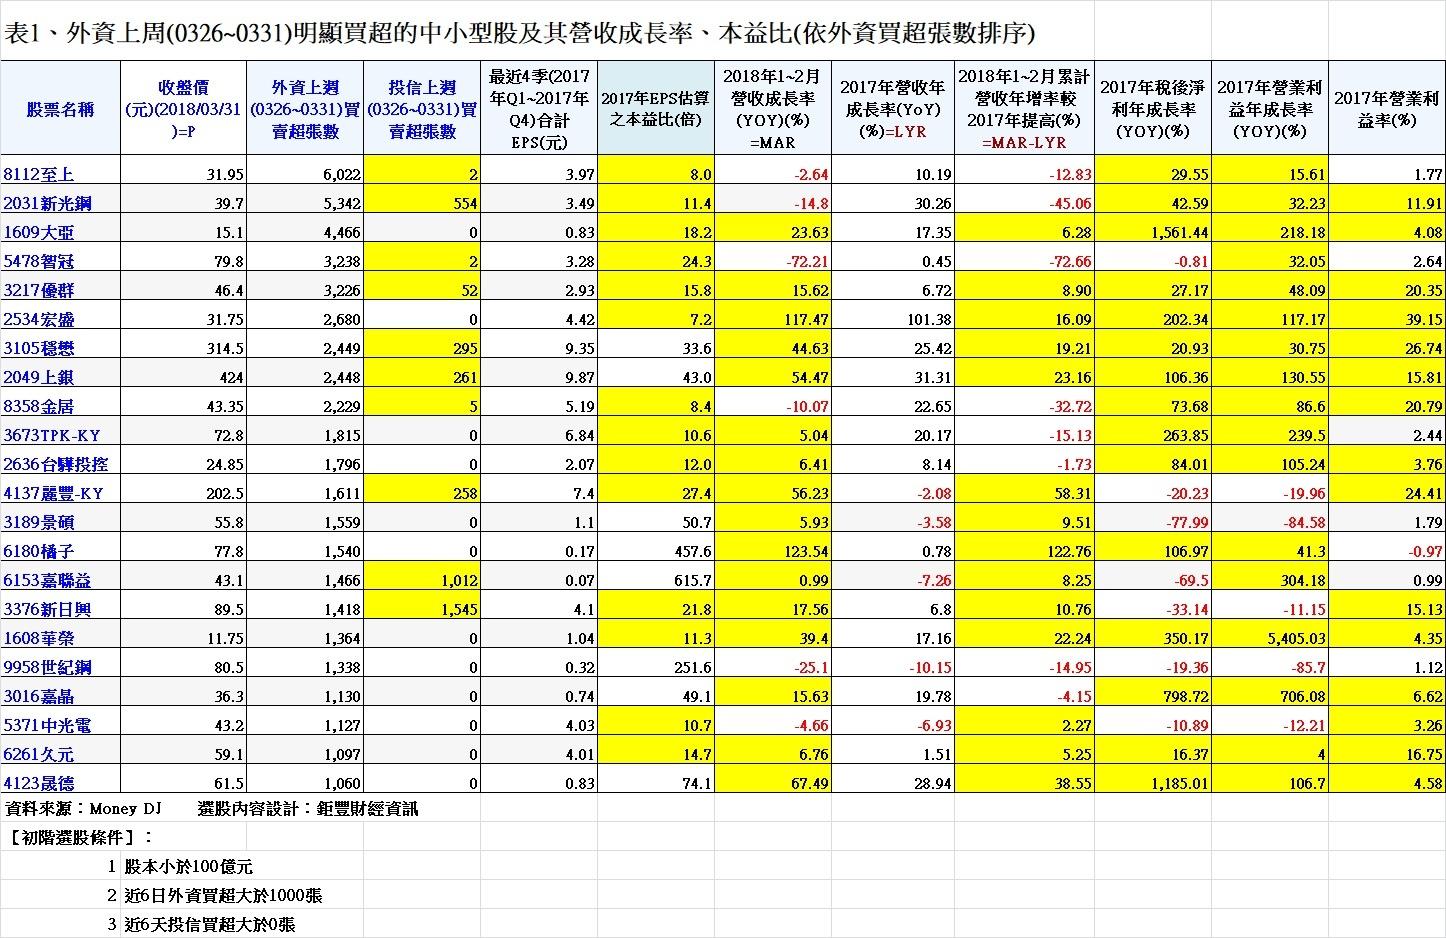 20180331表1、外資上周(0326~0331)明顯買超的中小型股及其營收成長率、本益比(依外資買超張數排序)